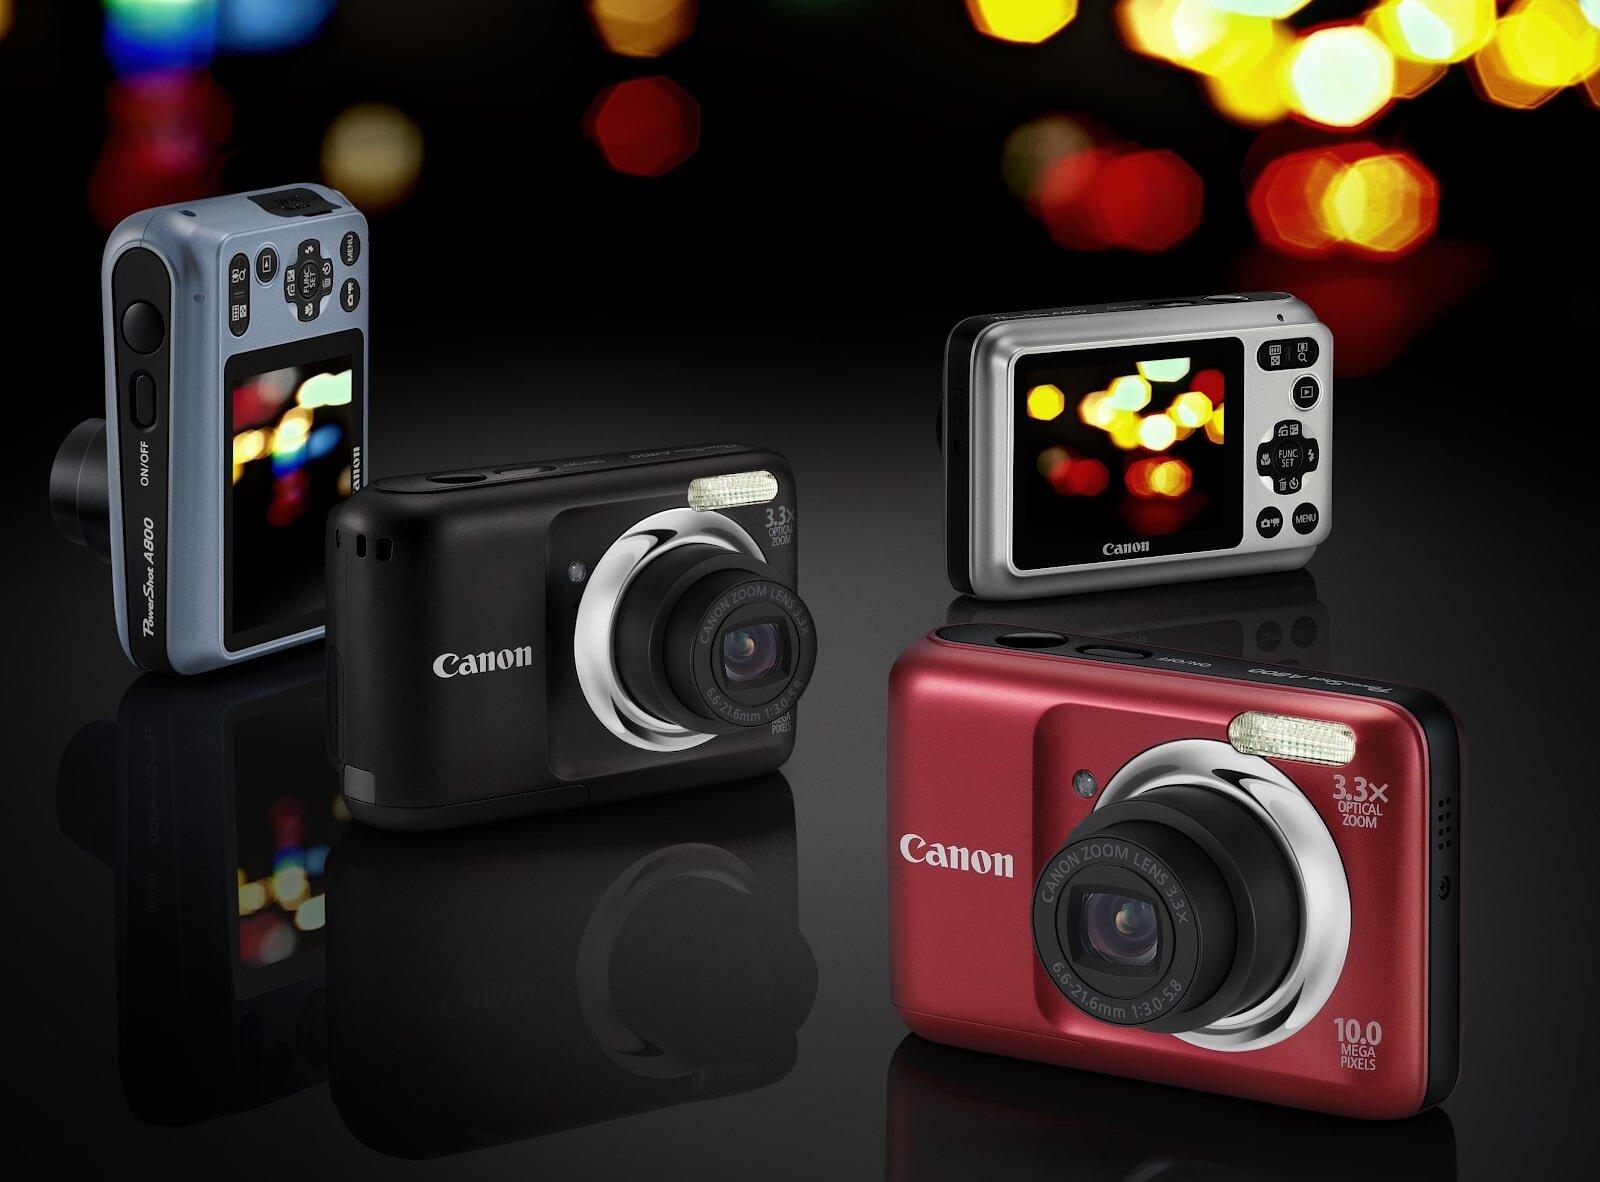 Chiếc máy ảnh du lịch Canon thiết kế gọn nhẹ